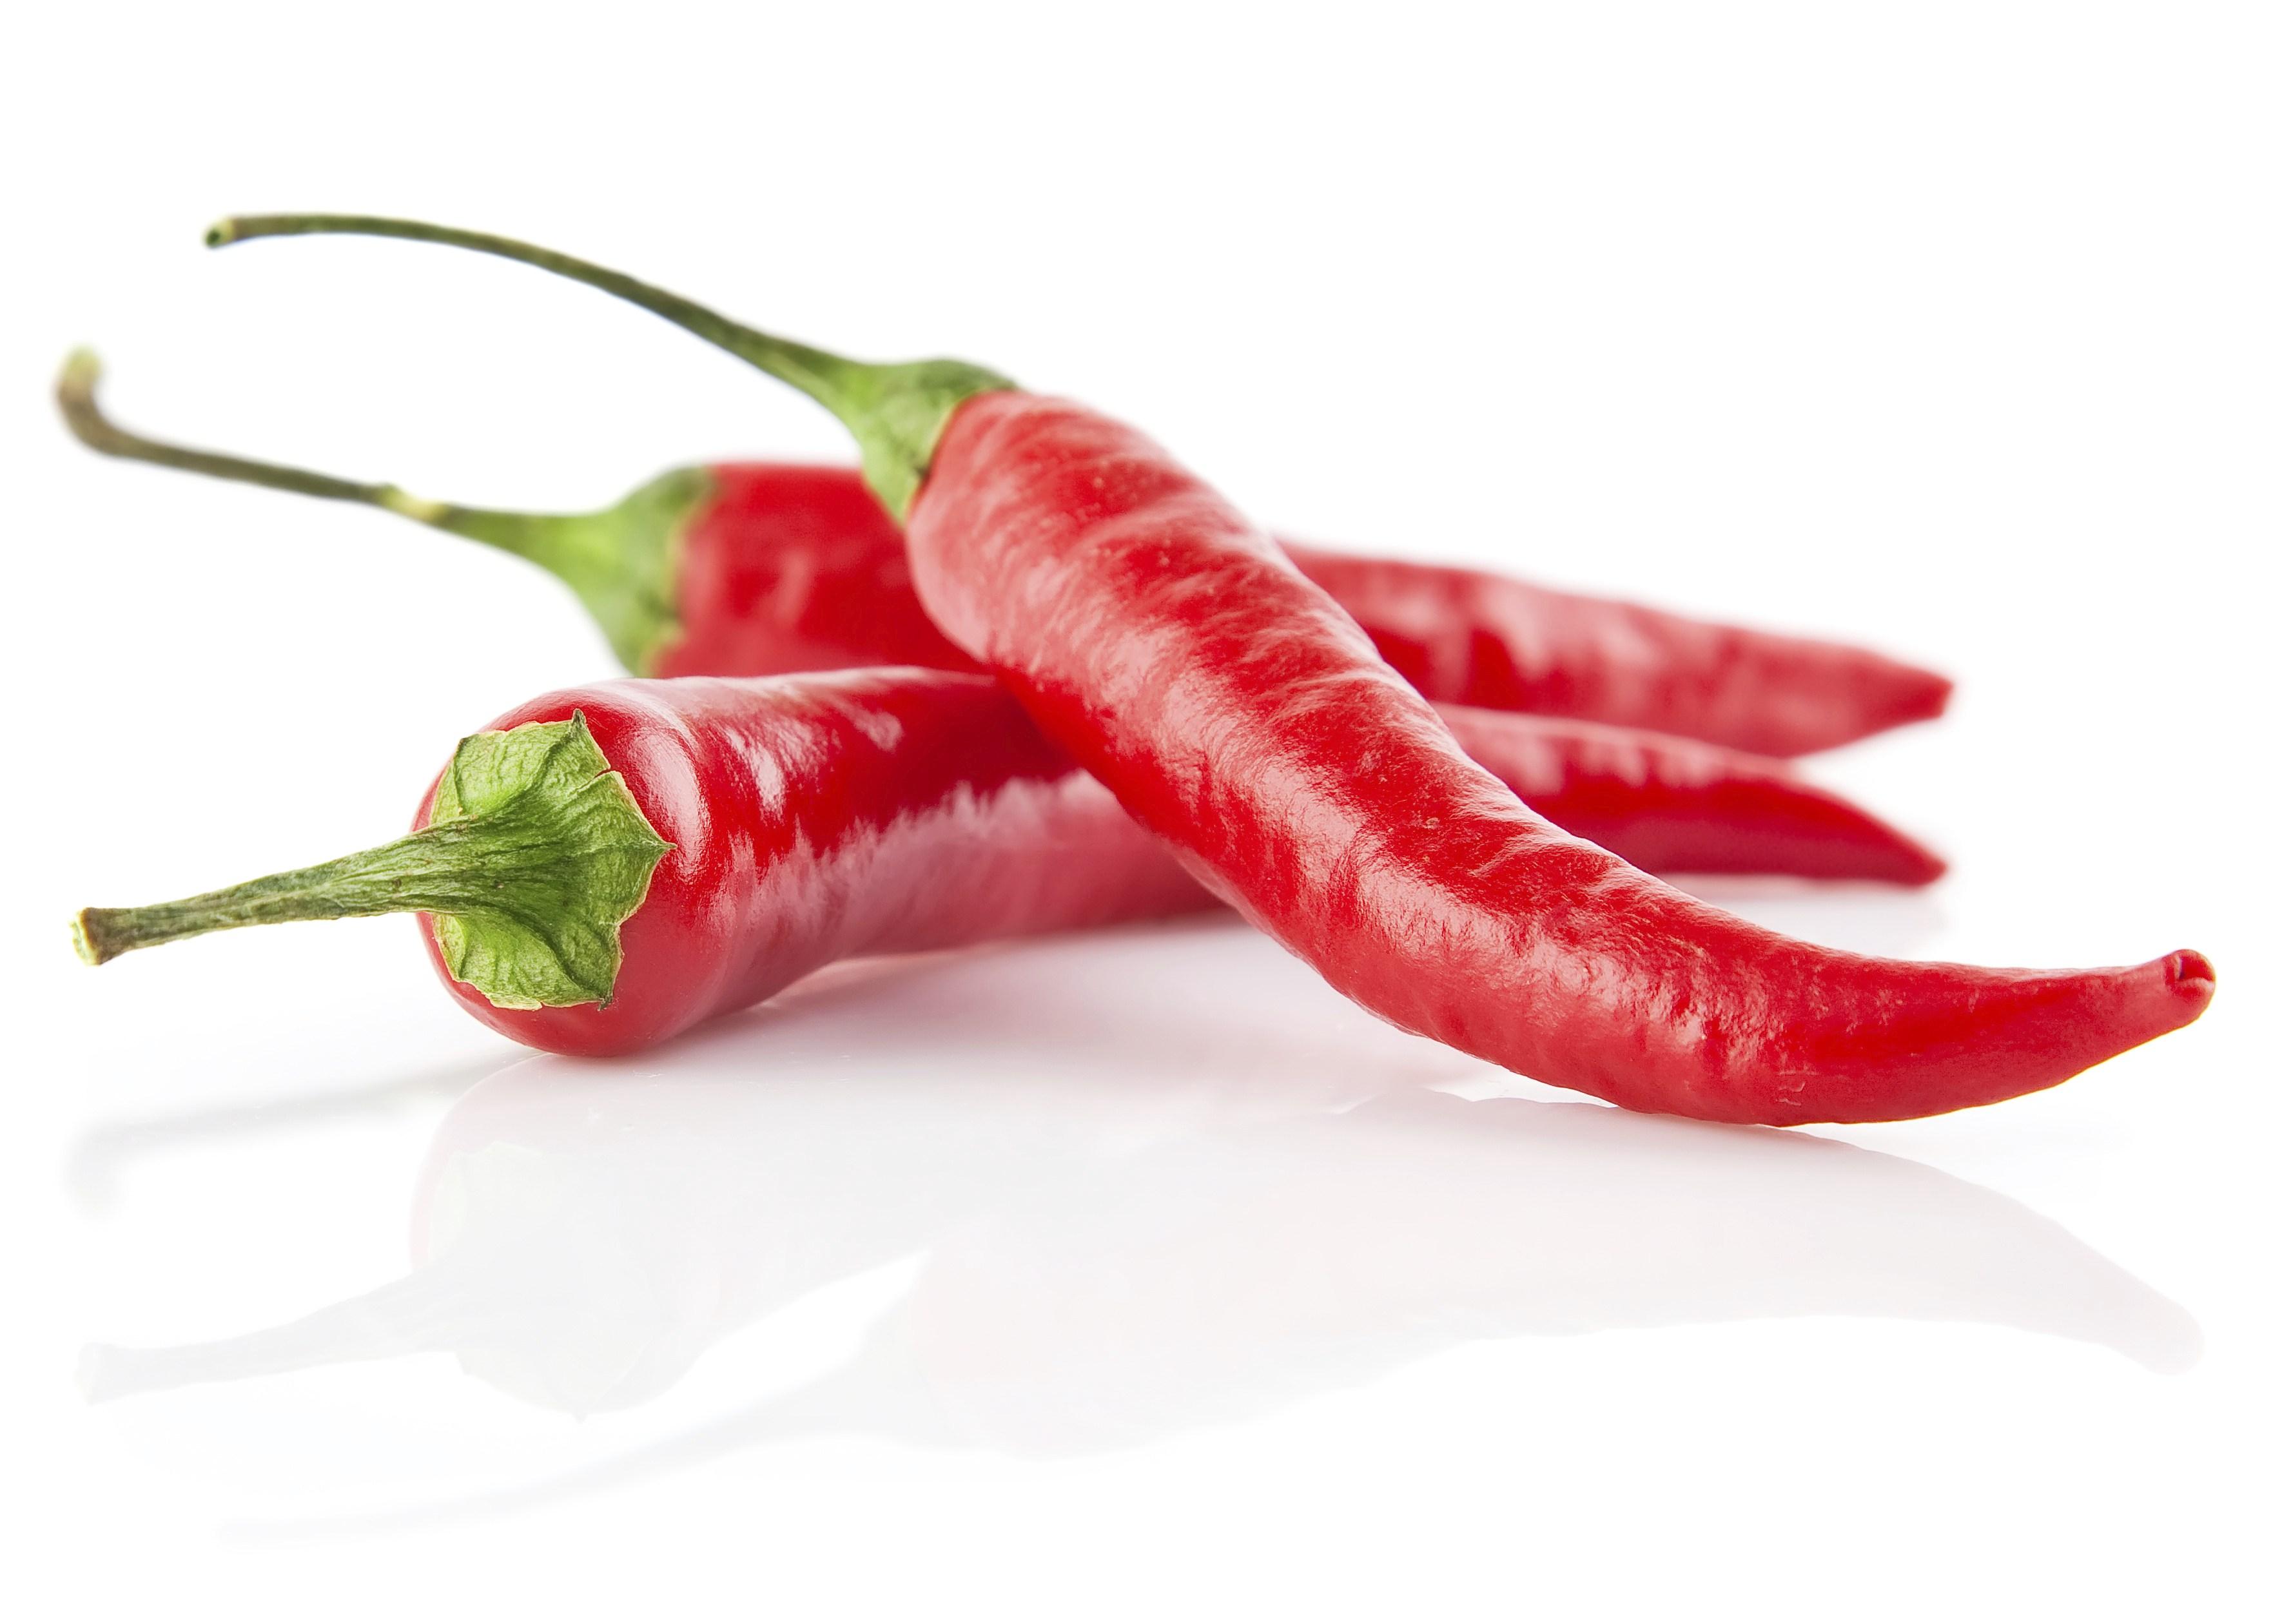 chto-oznachaet-perchik-chili-v-sekse